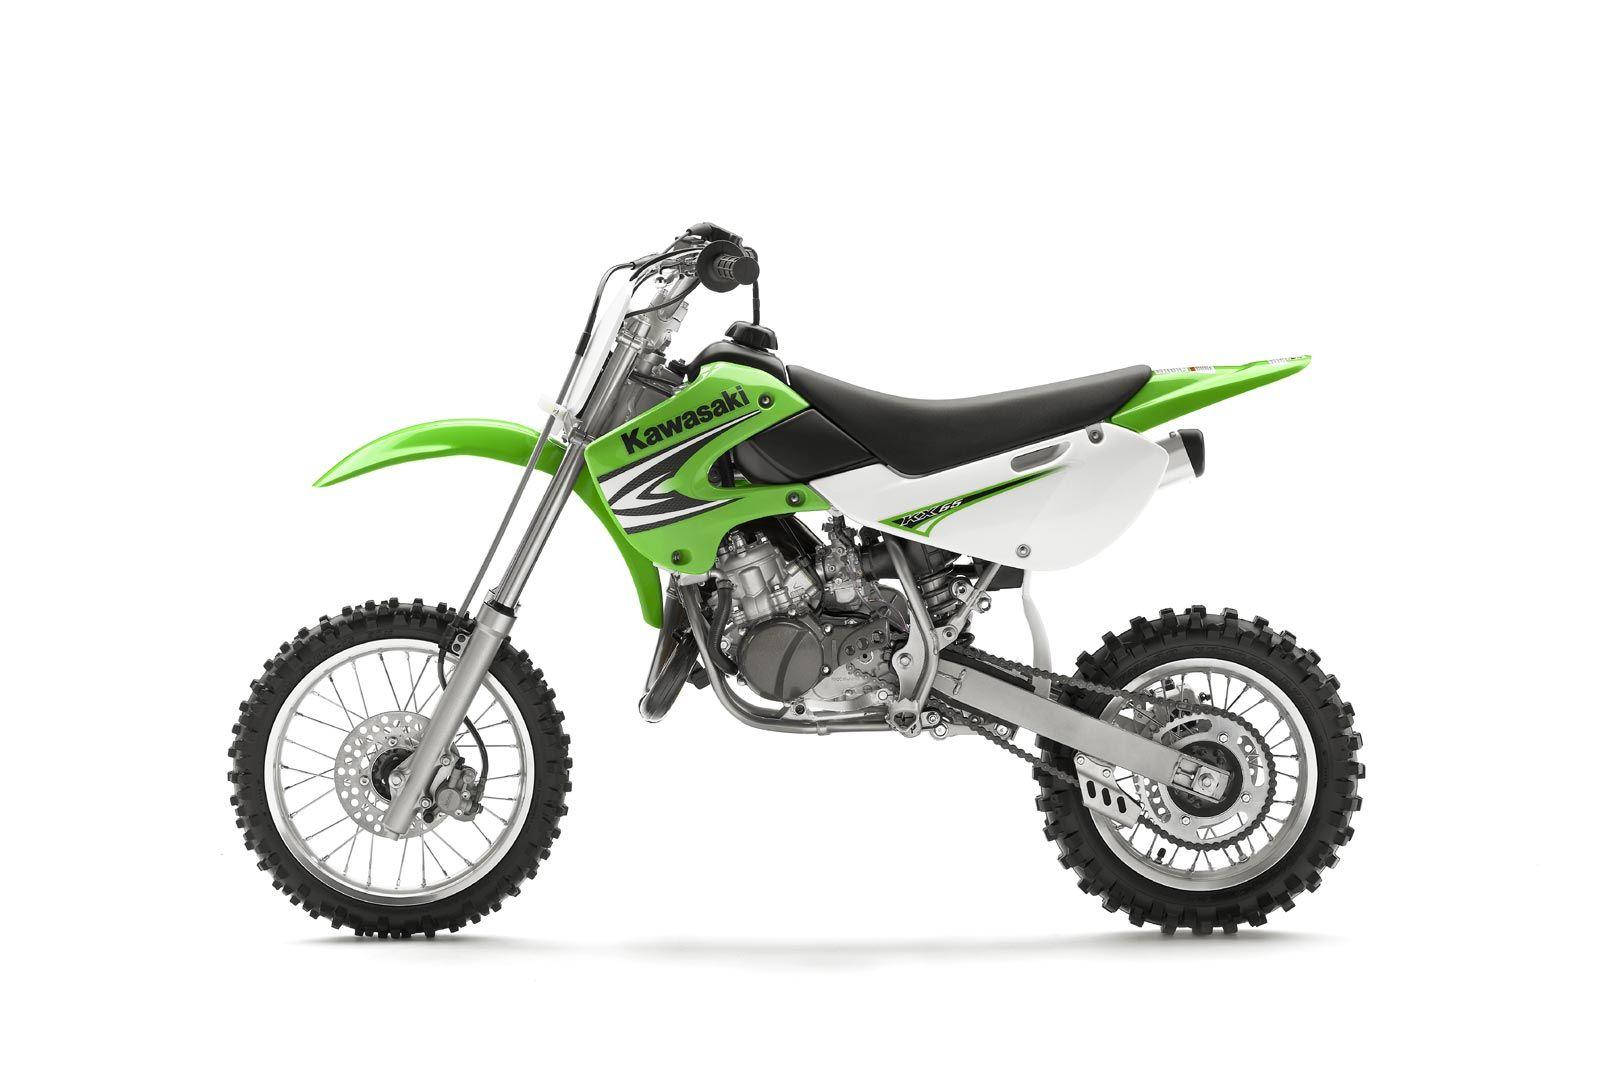 Kawasaki Kx 65 Pics